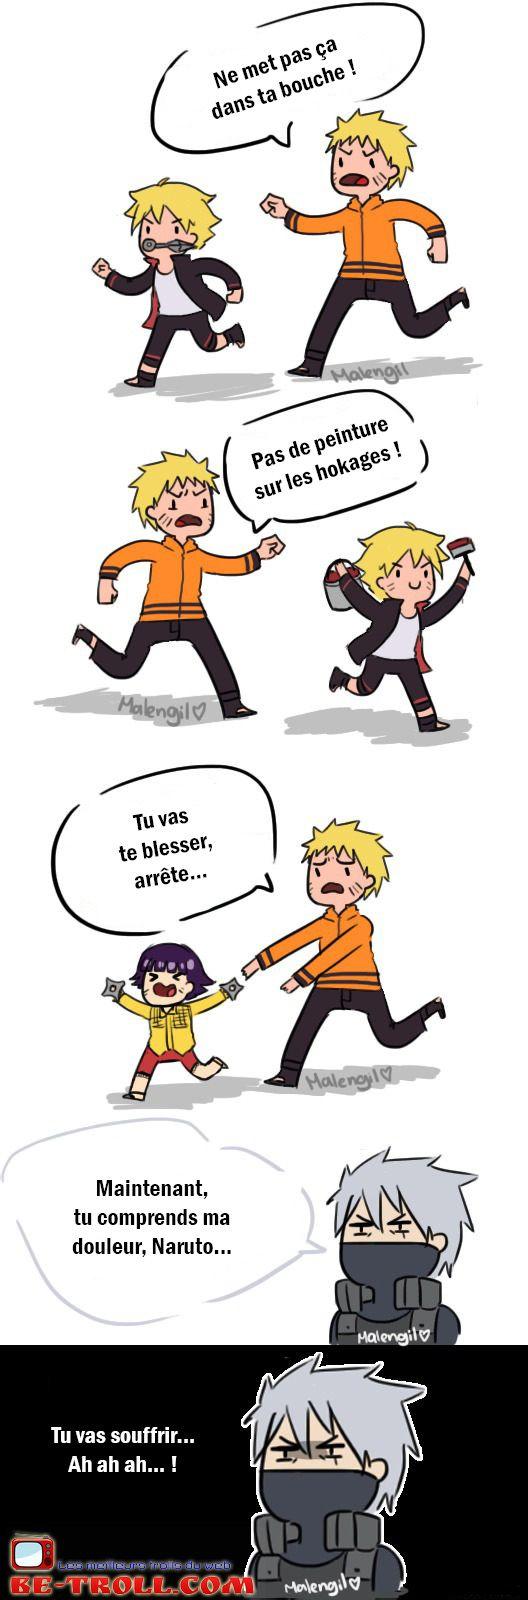 Tu vas souffrir Naruto ! #Kakashi #Iruka